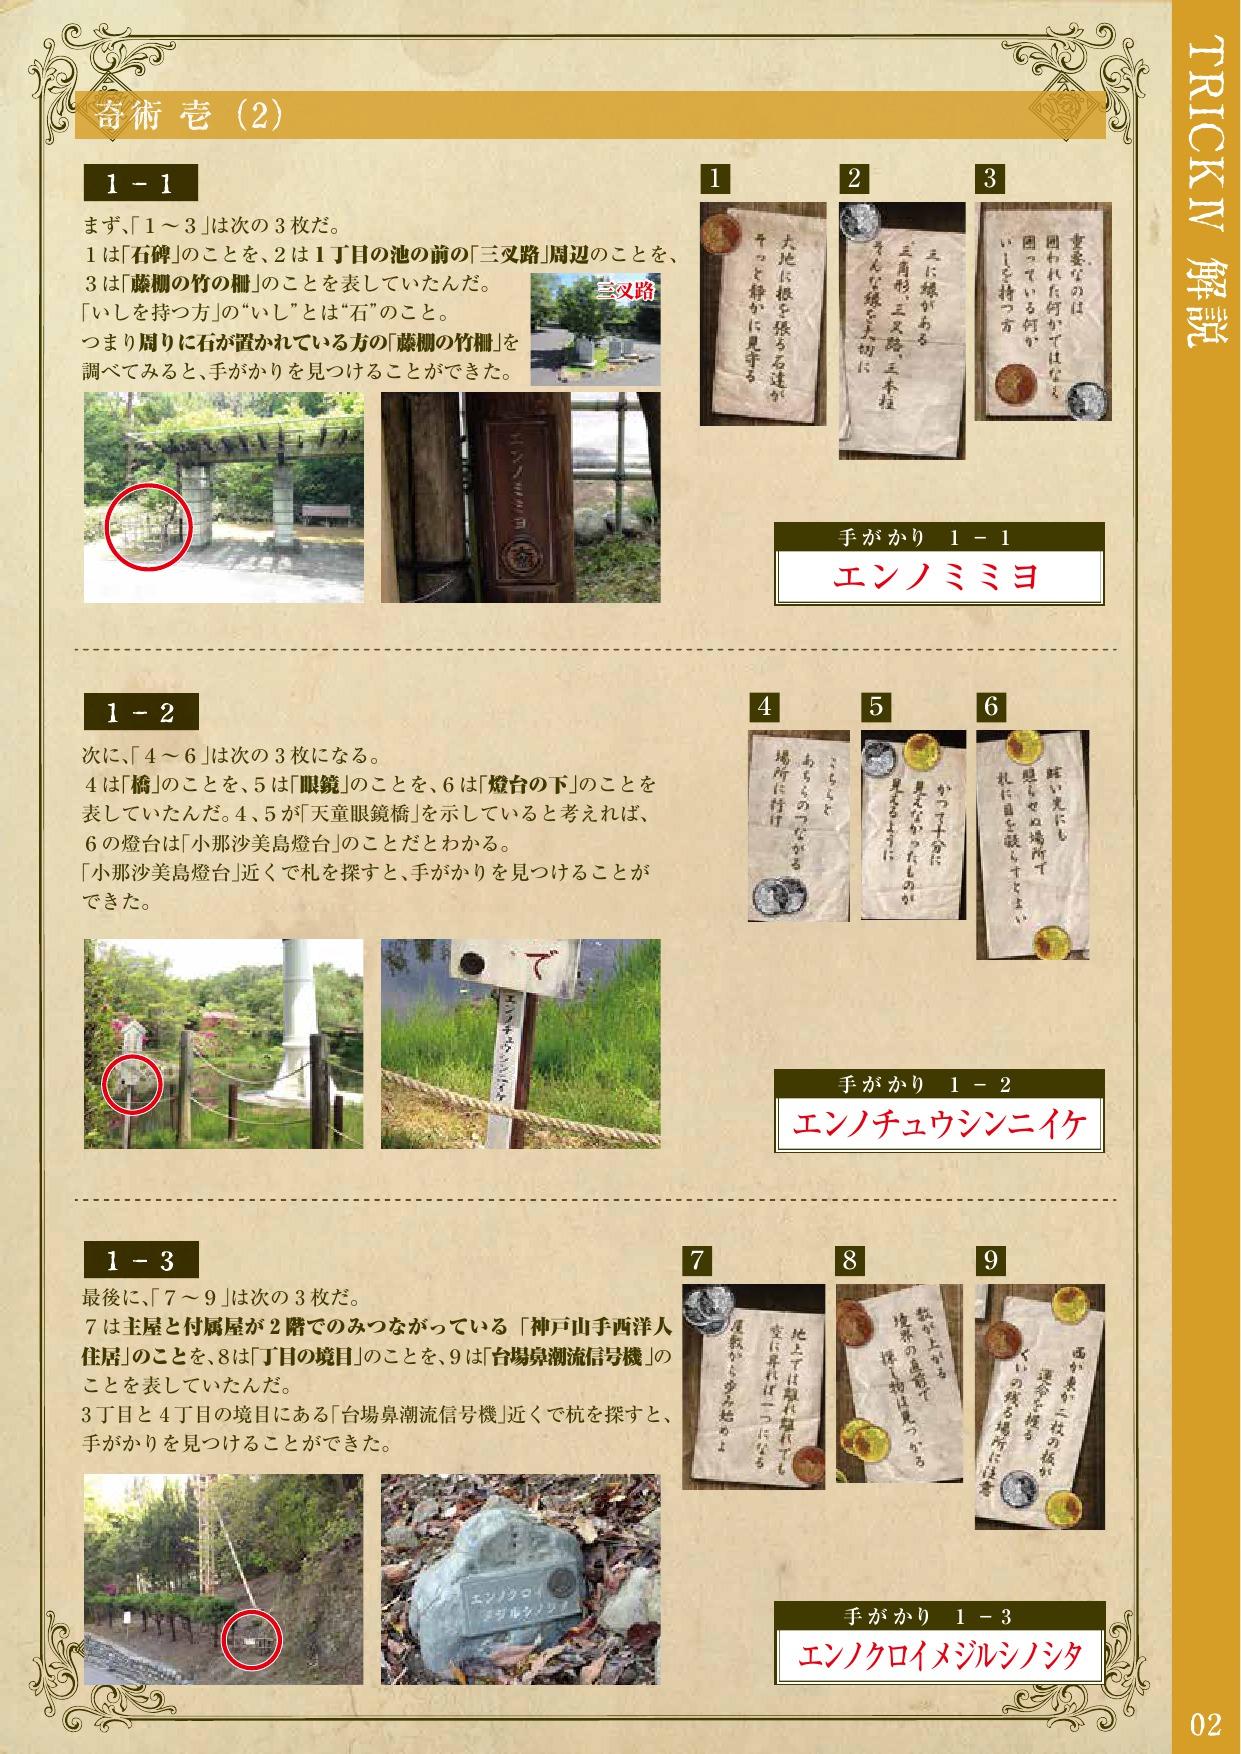 明治村探検隊のトリックⅣの解答 (2)